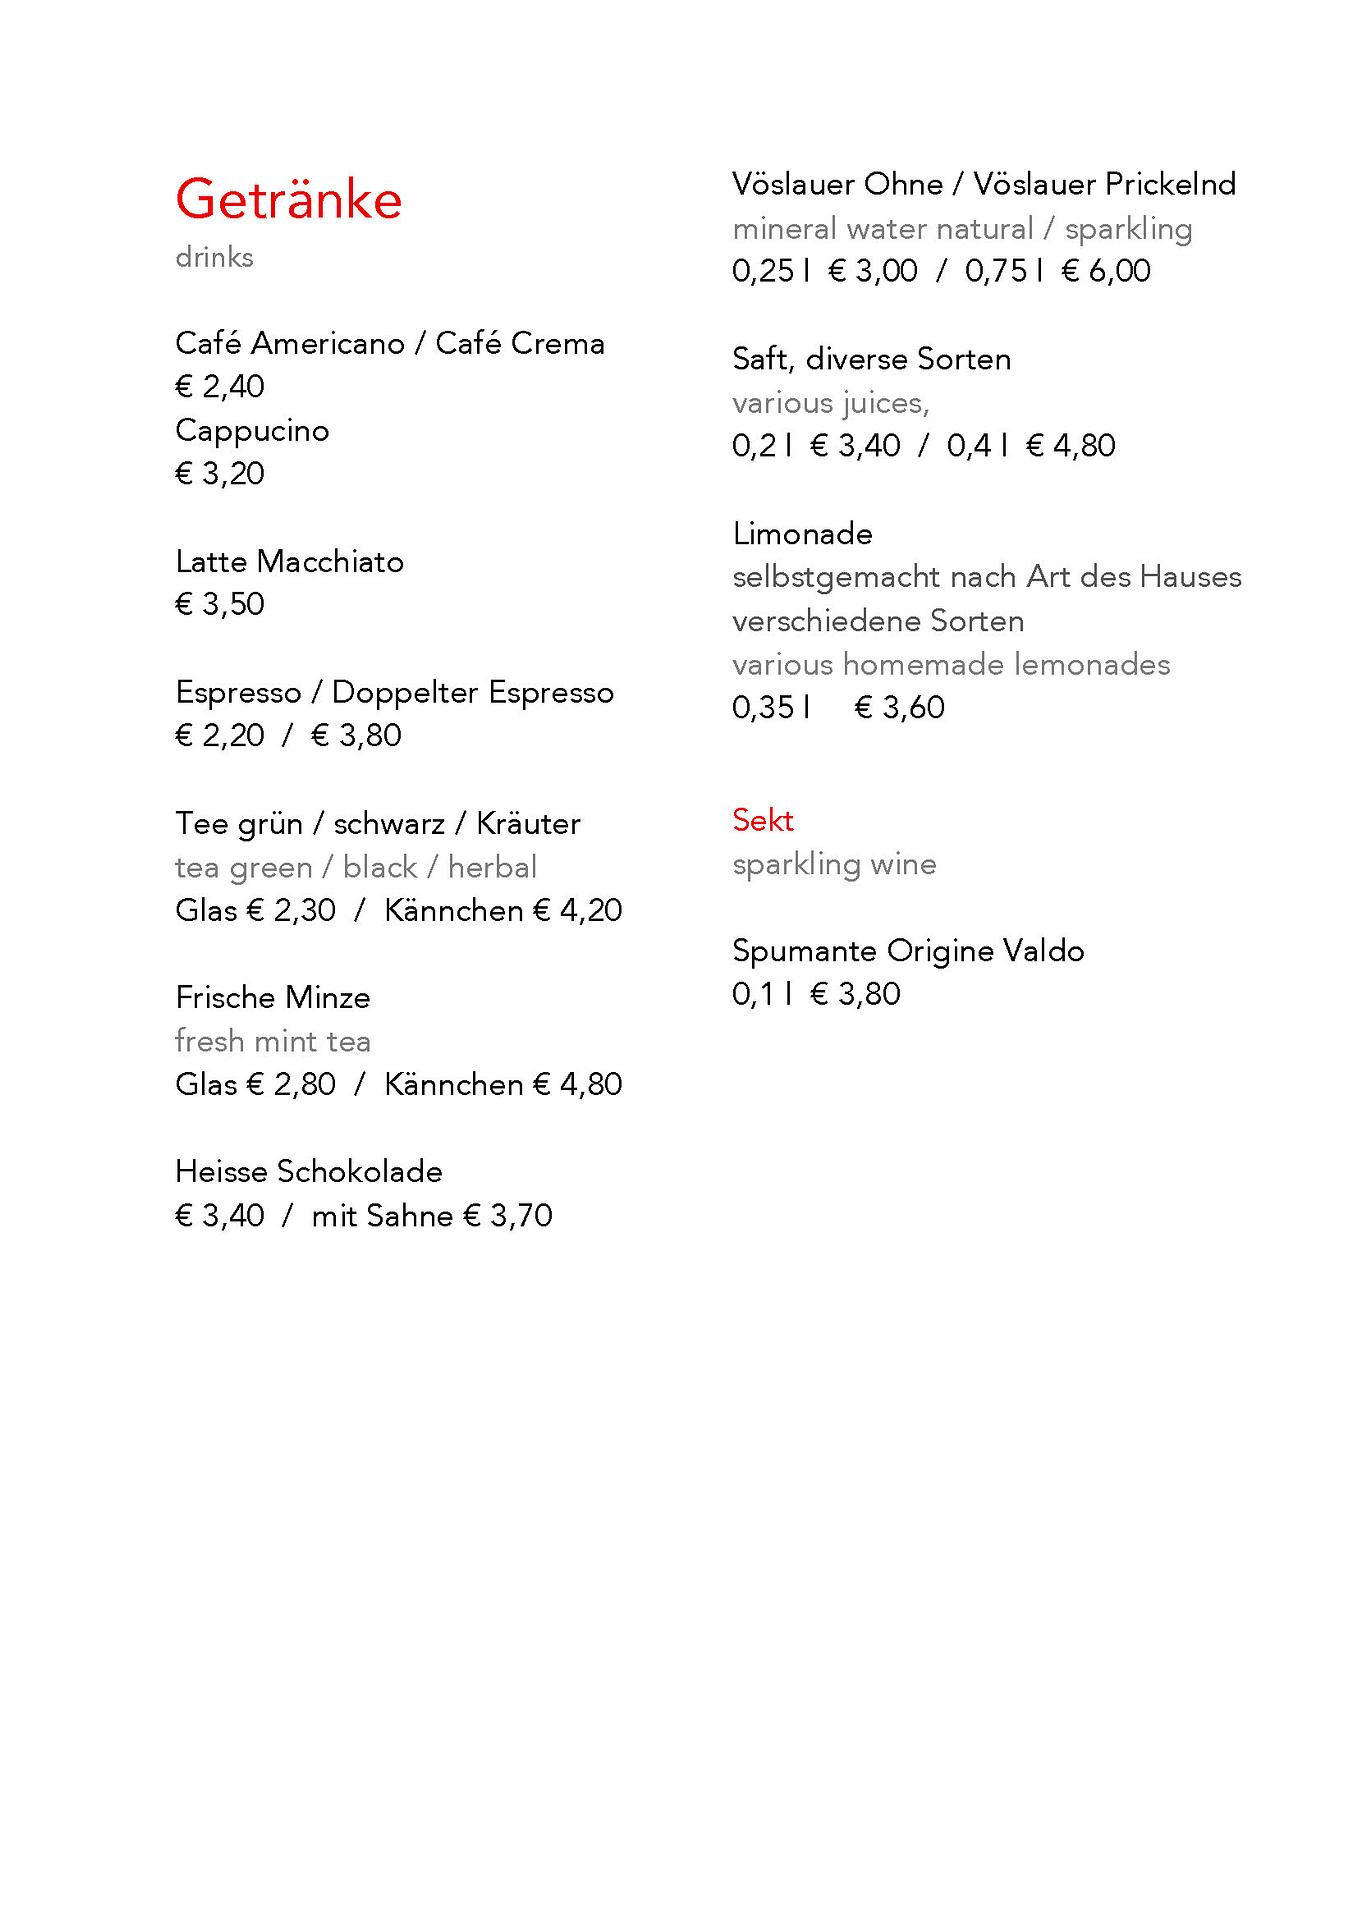 LAWRENCE berlin mitte arabisches restaurant arabic restaurant menu speisekarte catering breakfast frühstück